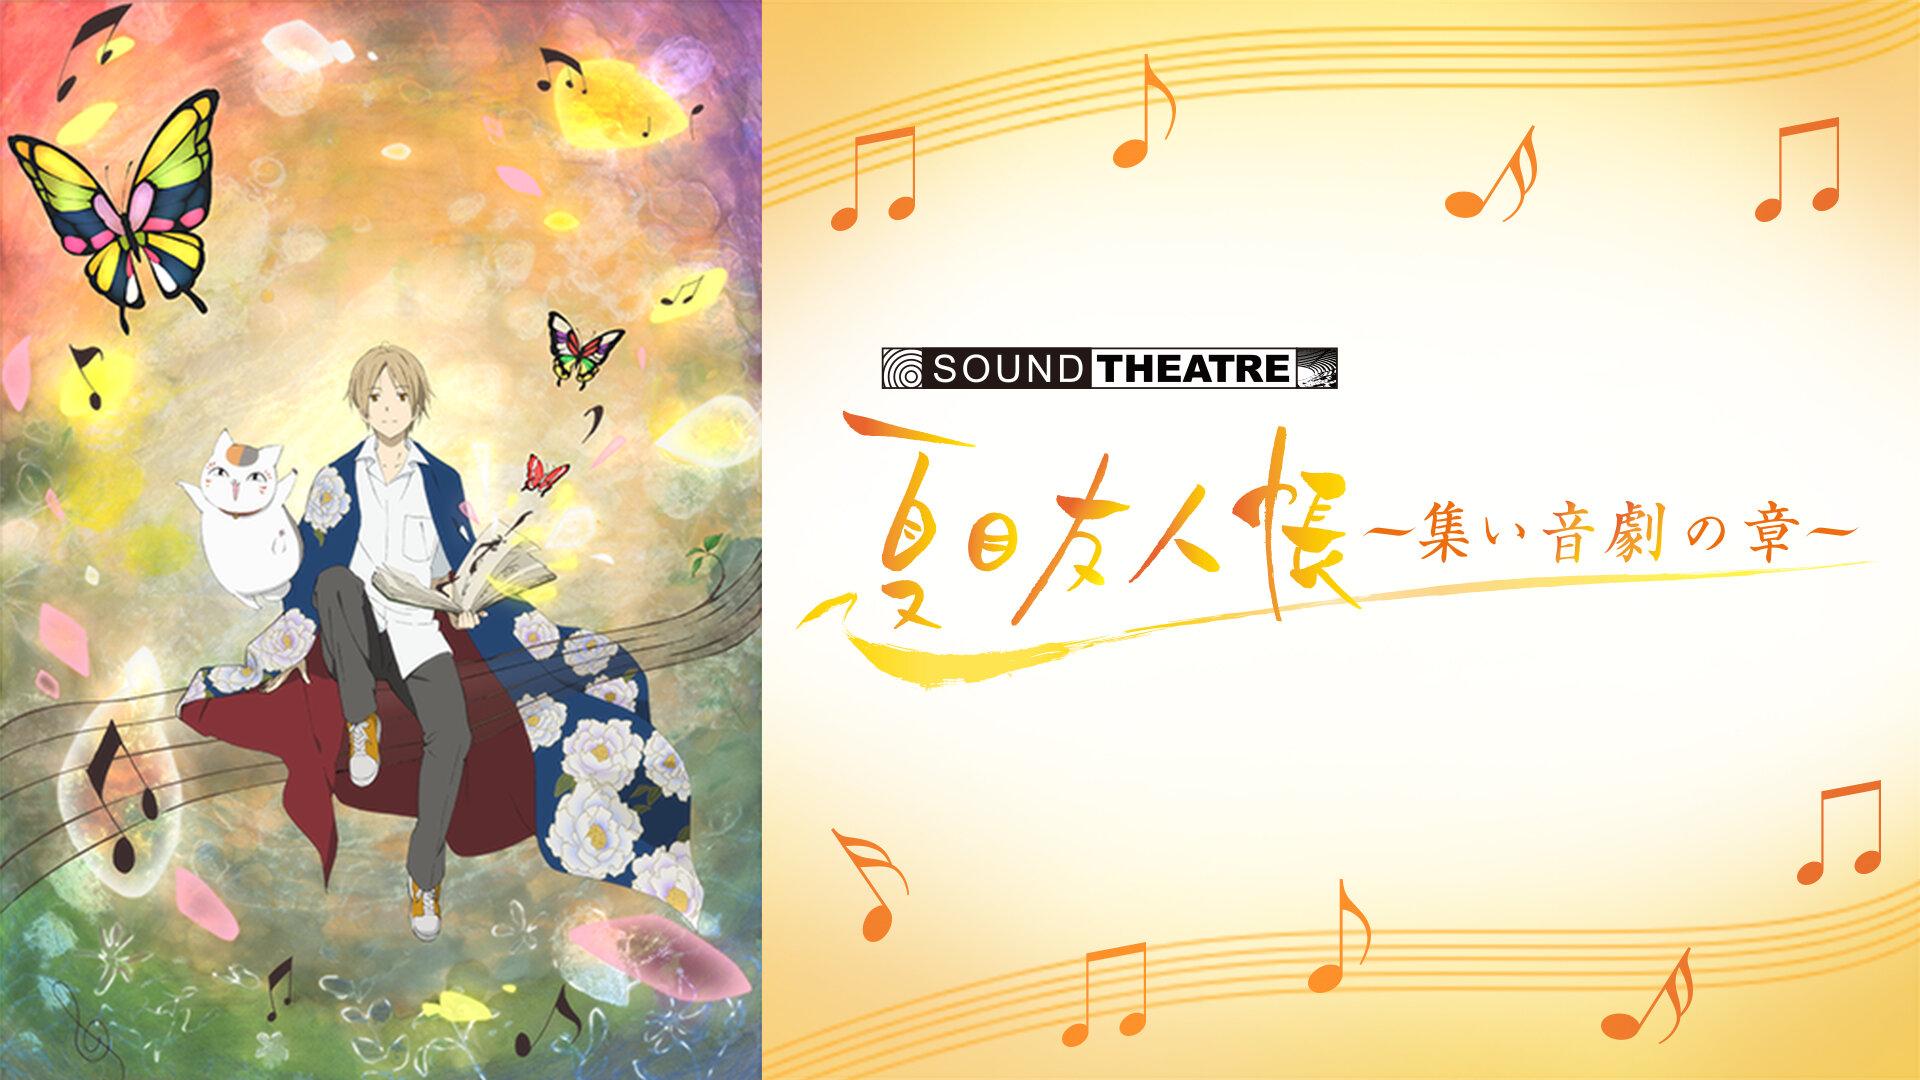 SOUND THEATRE × 夏目友人帳 ~集い 音劇の章~